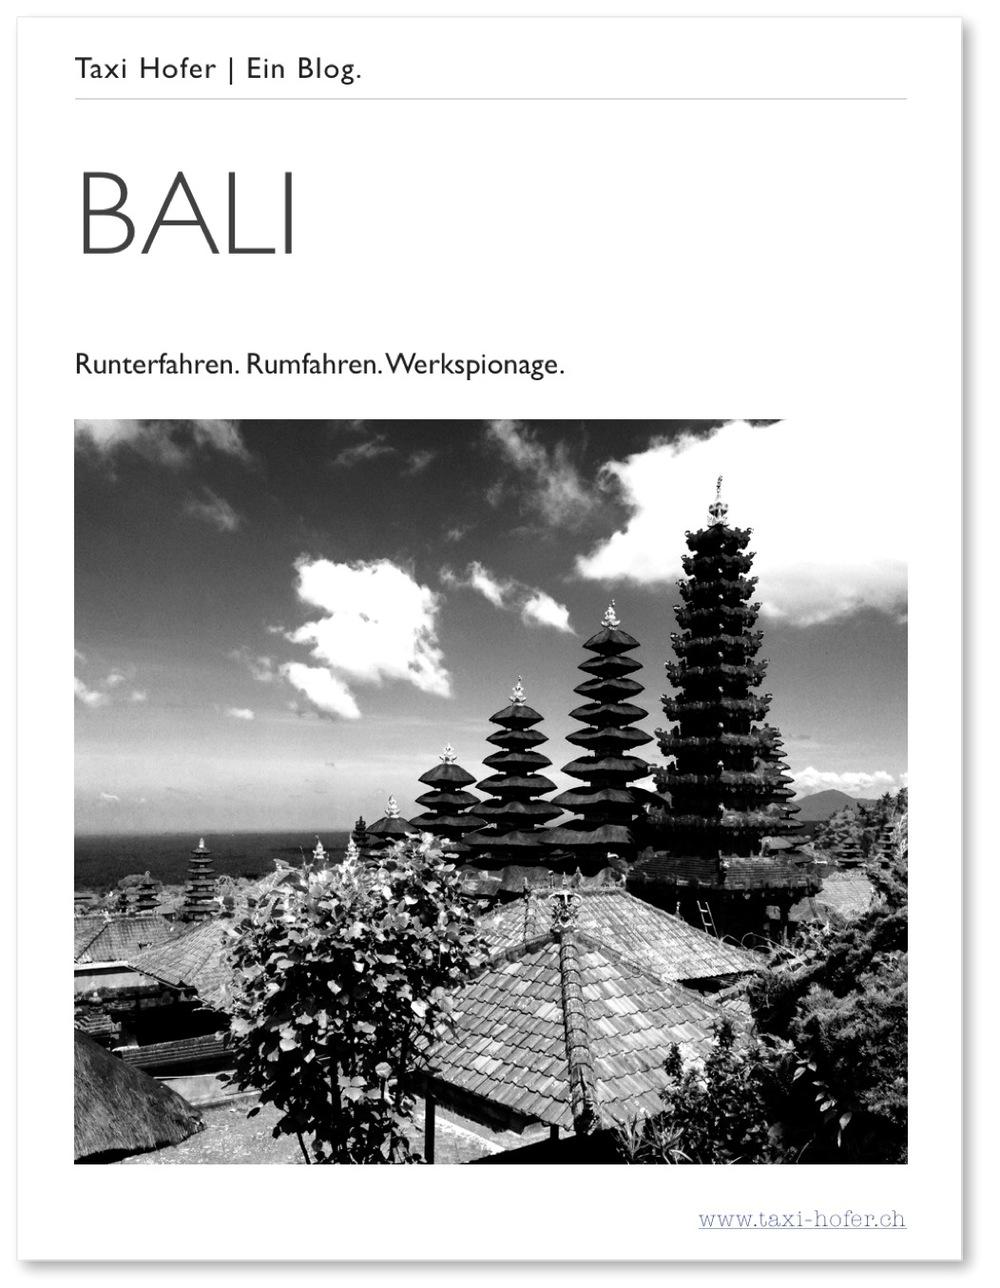 Jetzt auf  A  mazon.de  verfügbar. BALI: Runterfahren. Rumfahren. Wekspionage. (Kindle Edition)